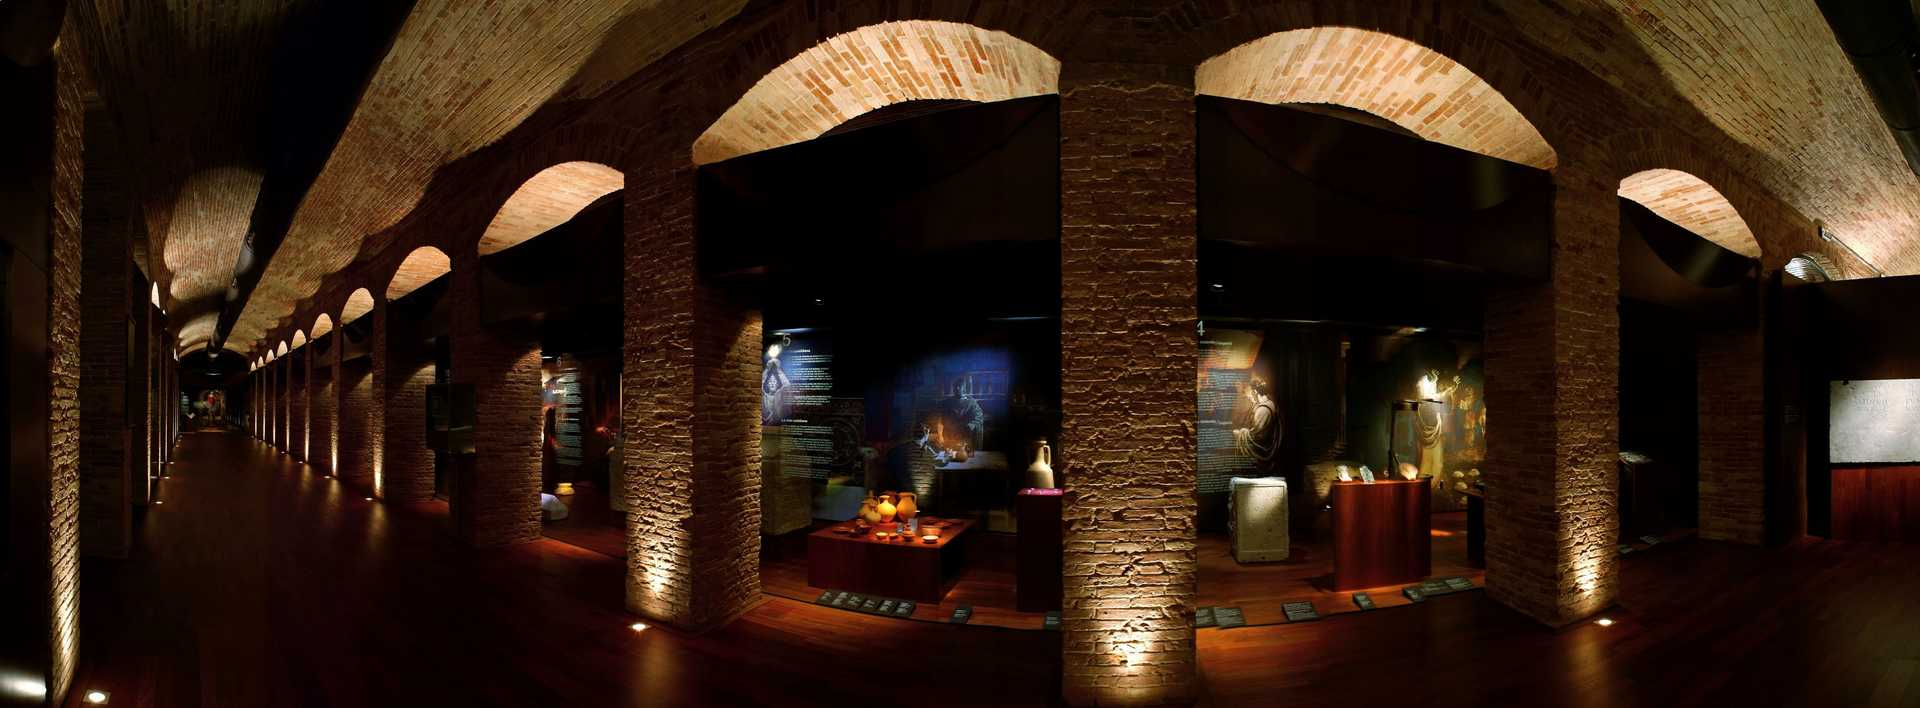 Museo de HIstoria de la Ciudad de València